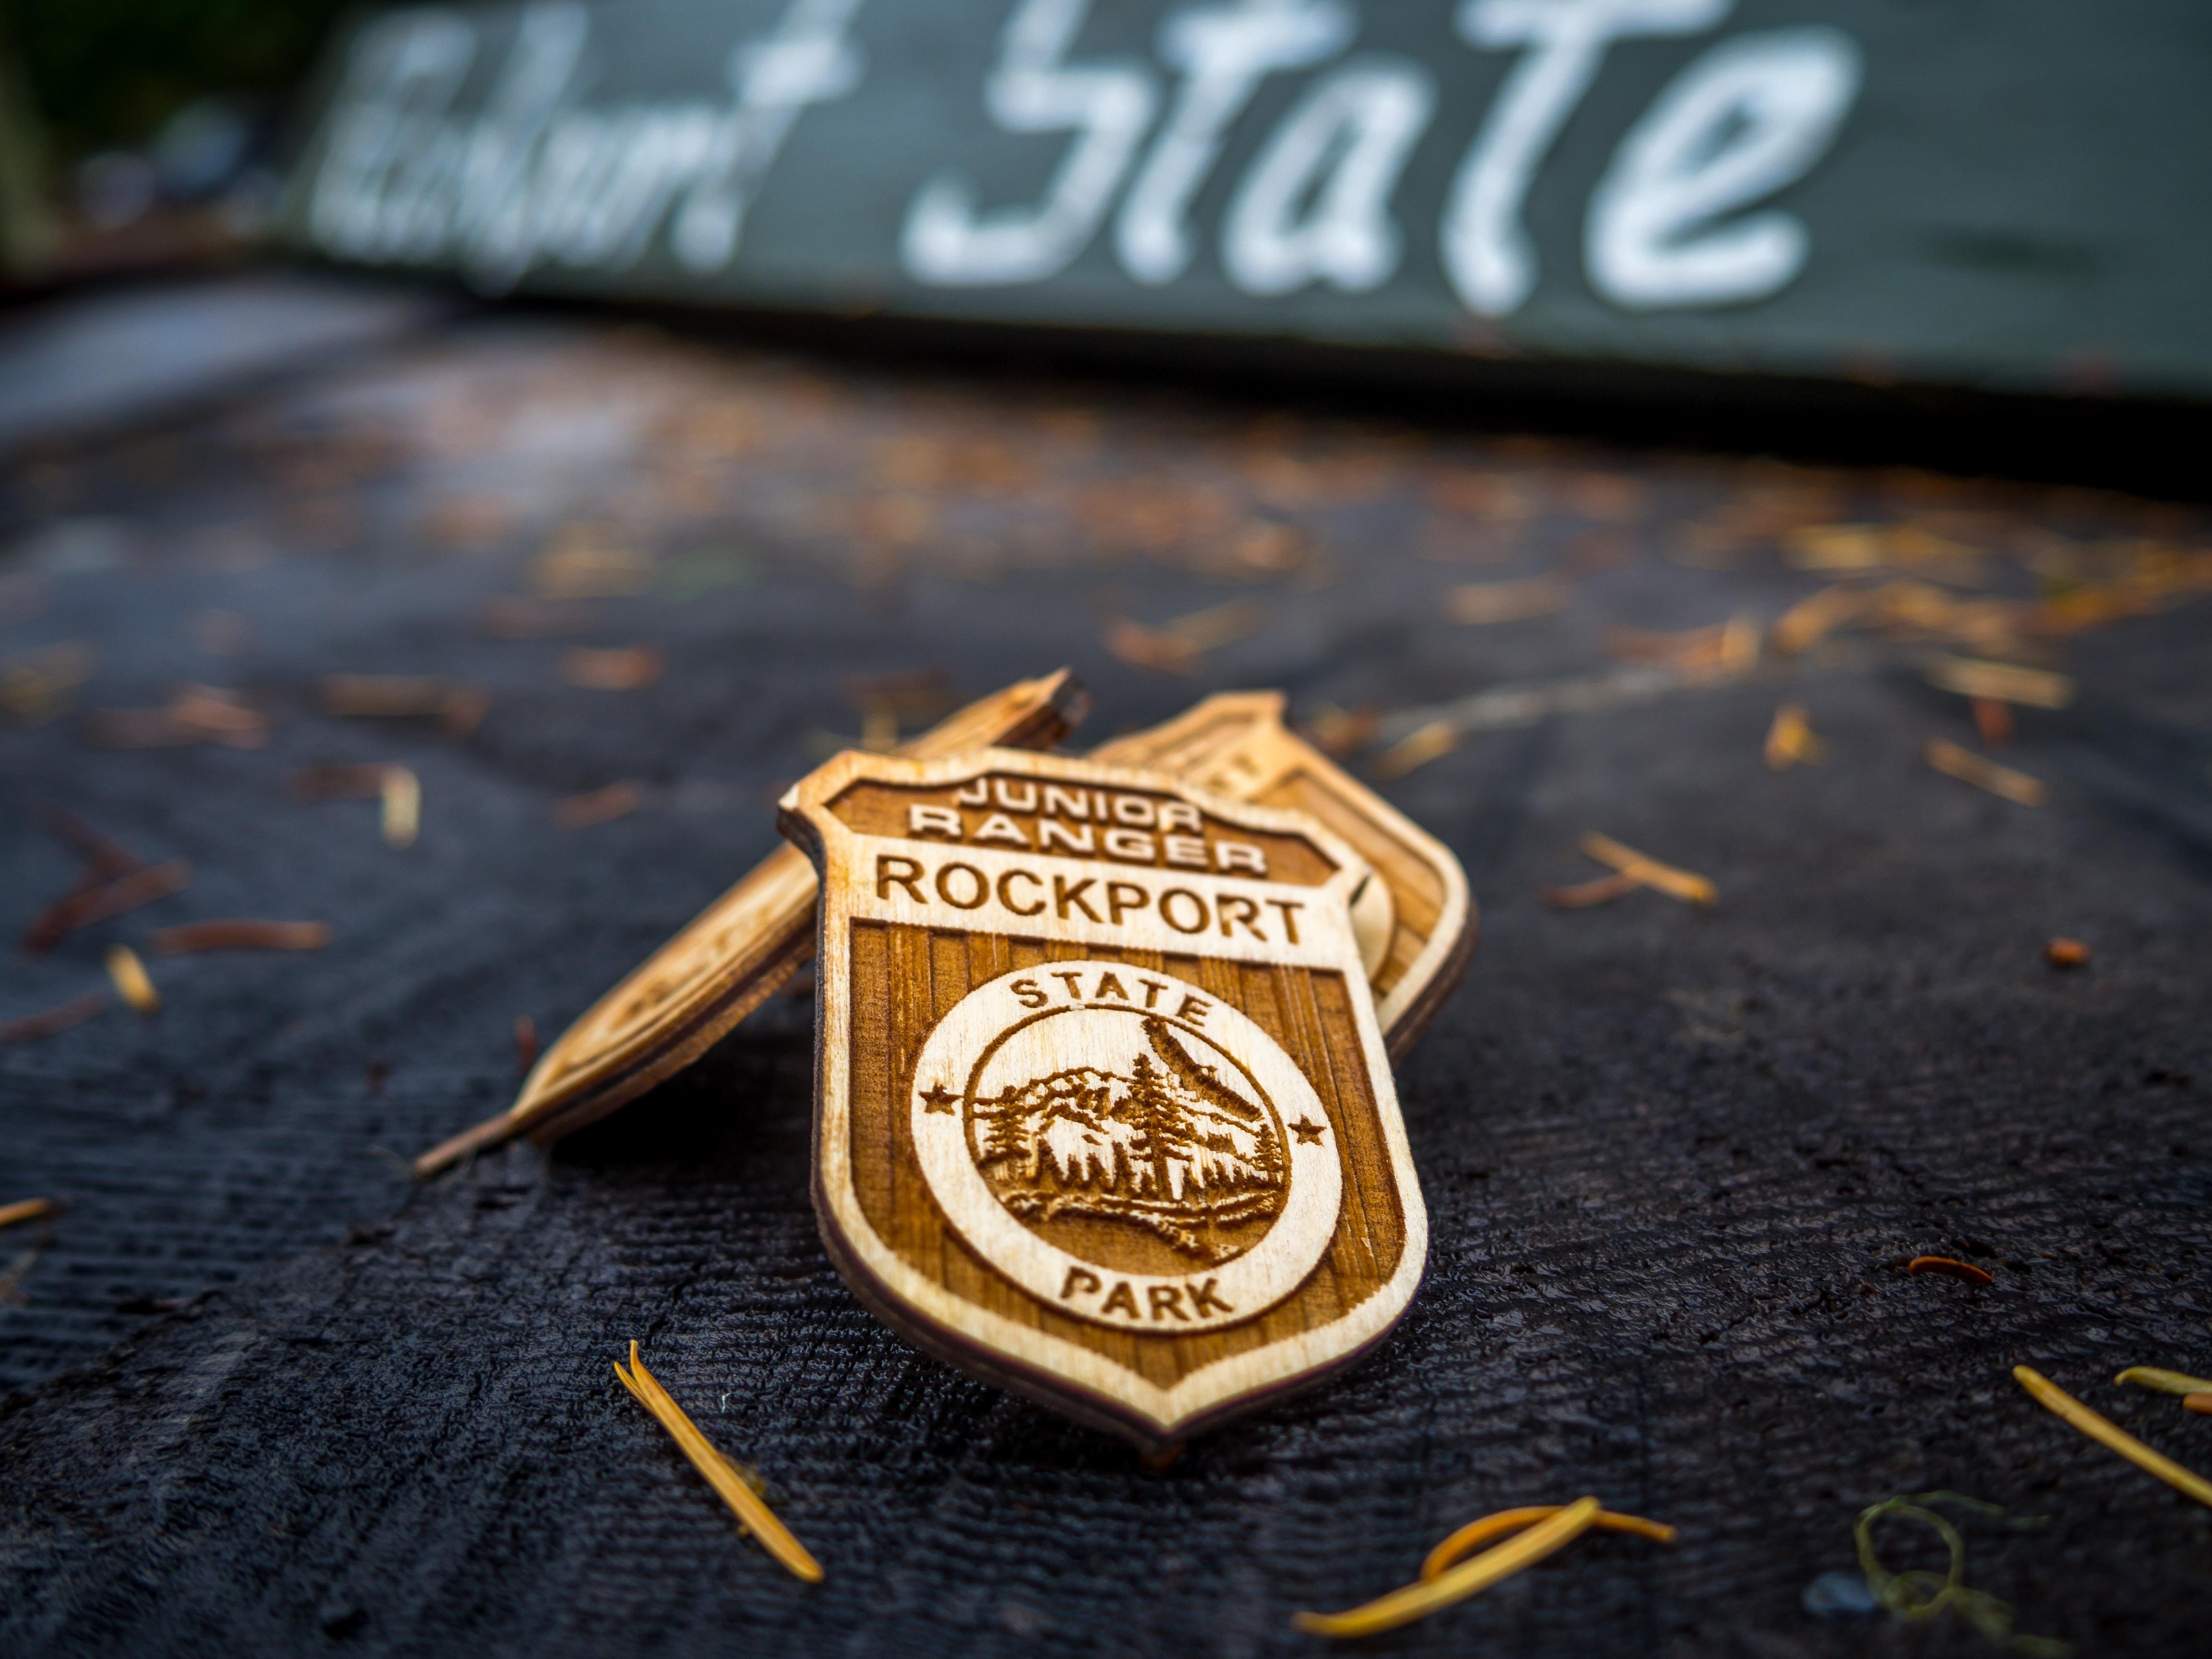 Junior Ranger Badge.jpg